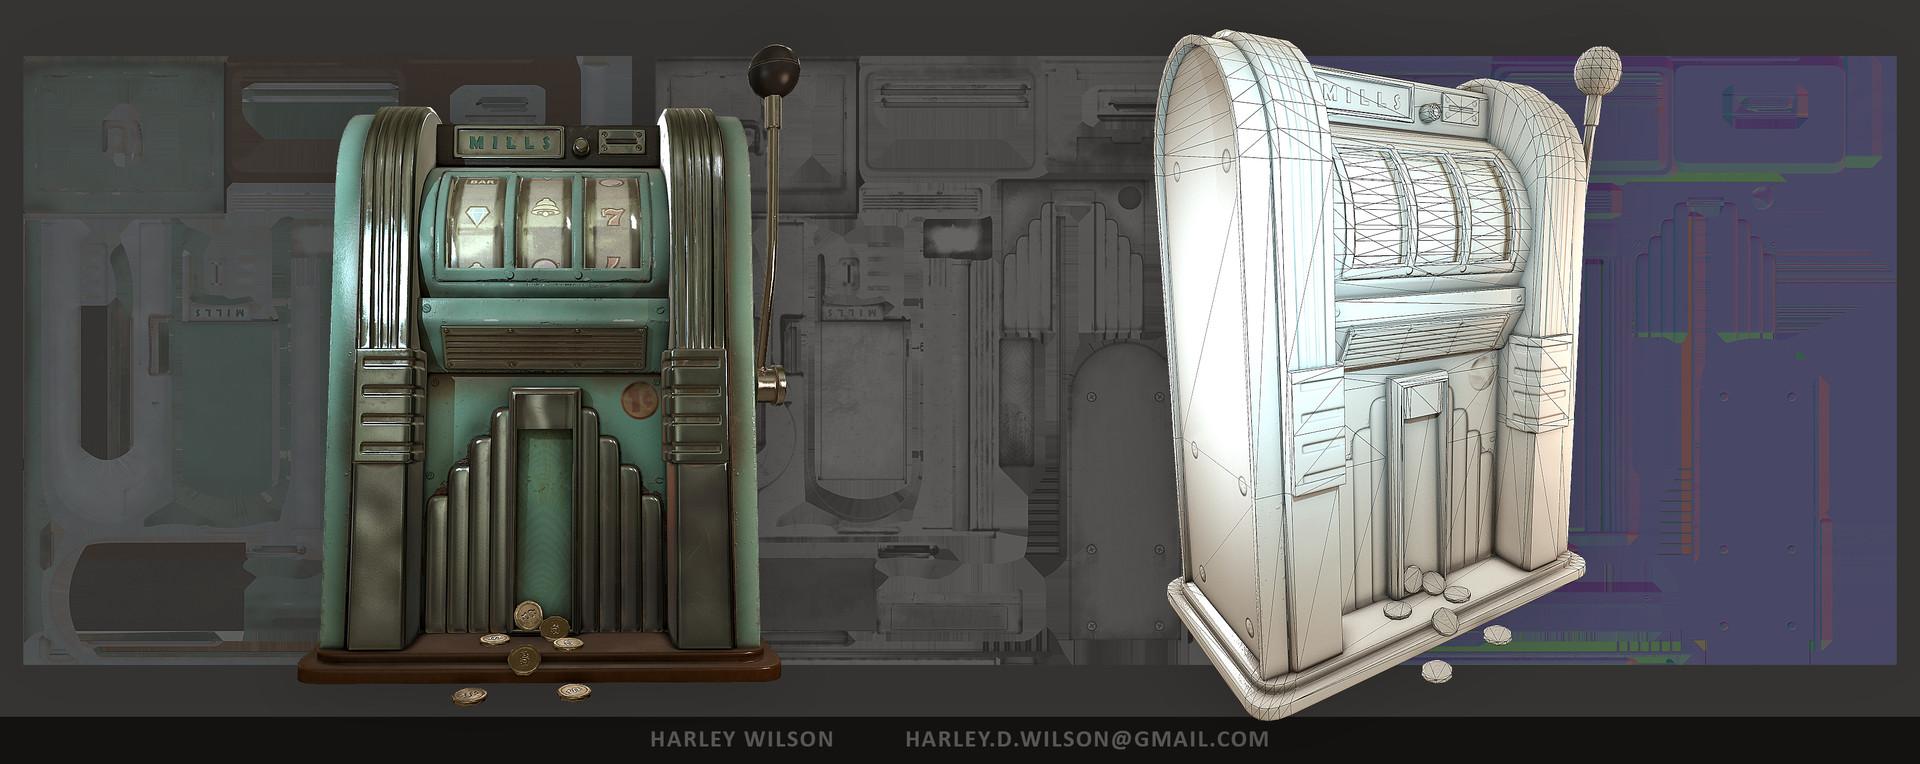 Harley wilson slots pres b